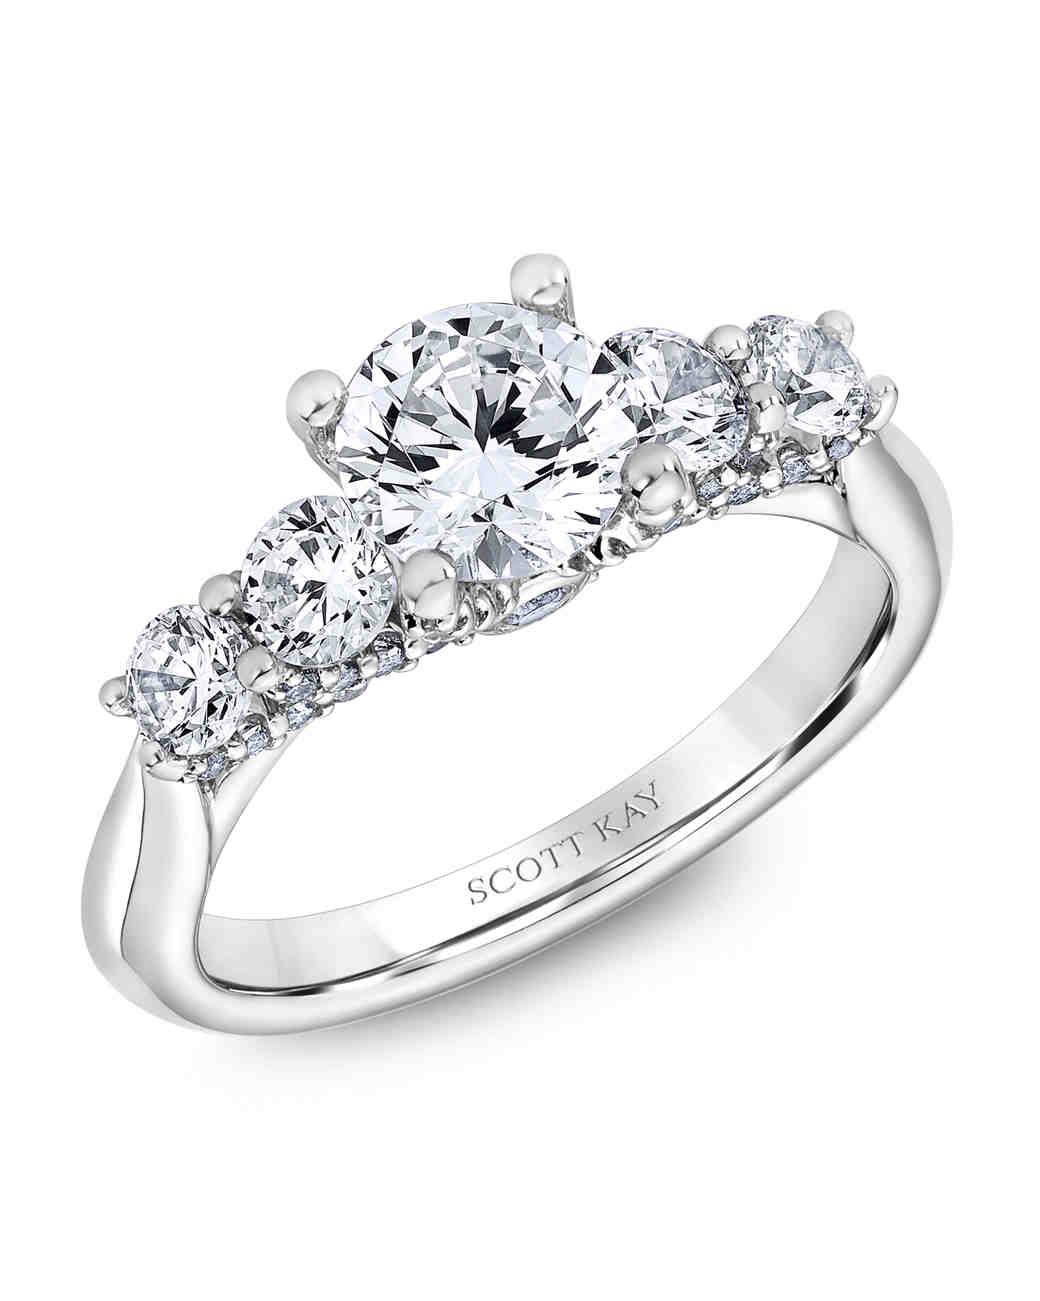 Scott Kay White Gold Engagement Ring